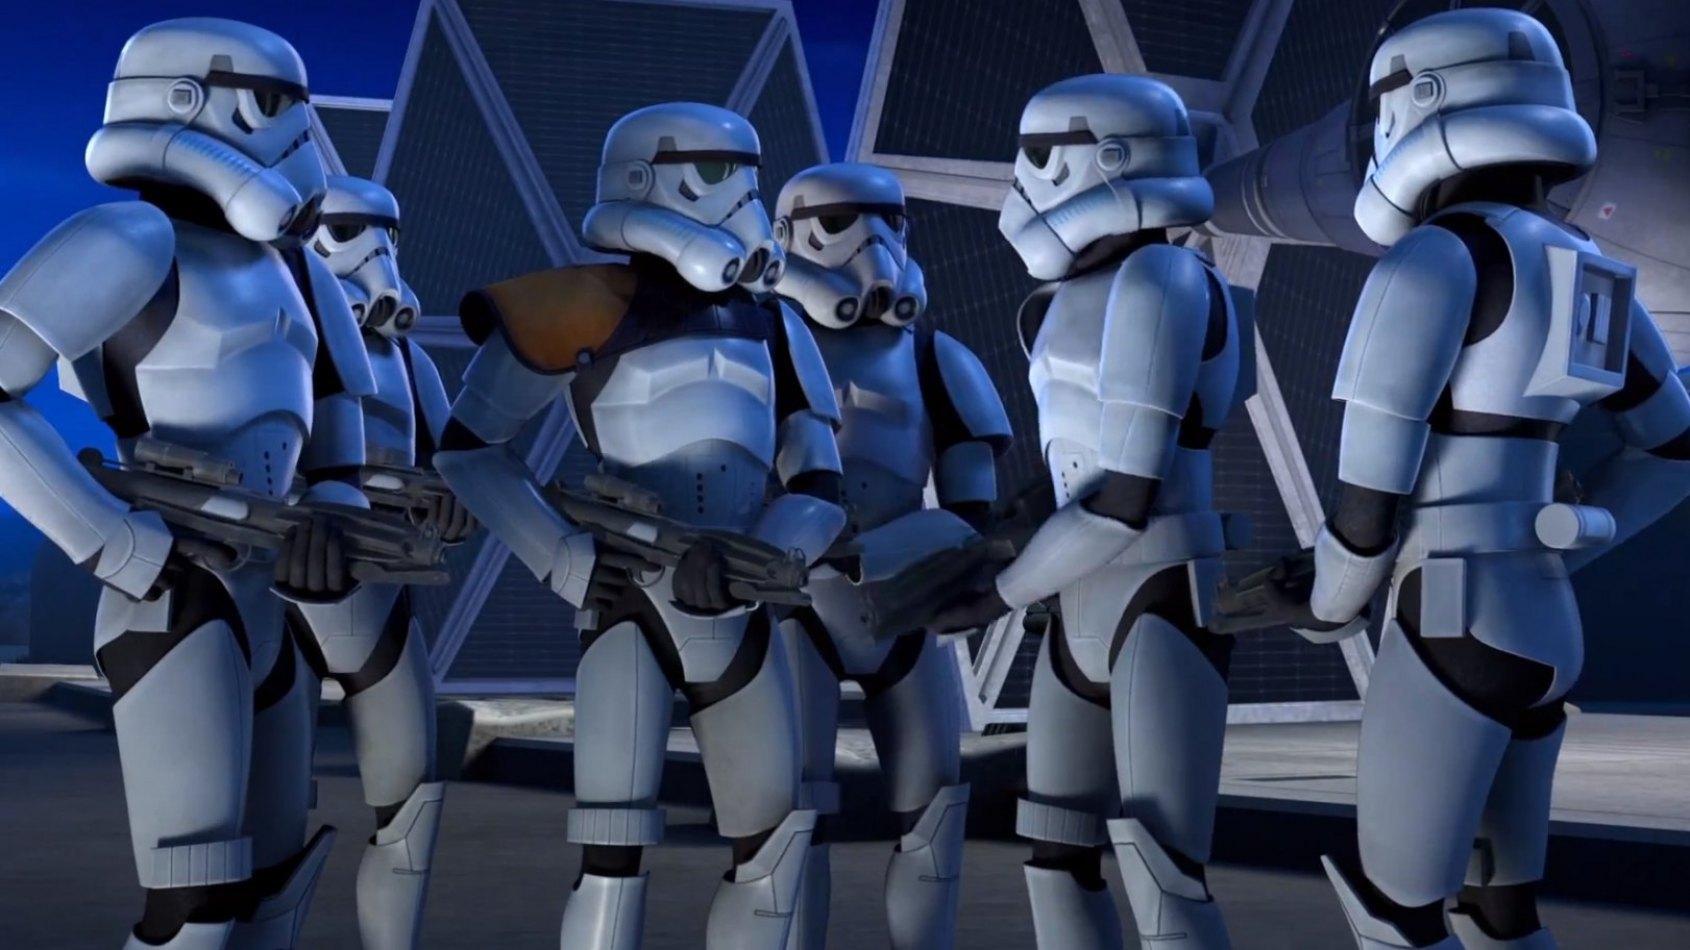 Une Nouvelle Série Animée Star Wars en projet ?